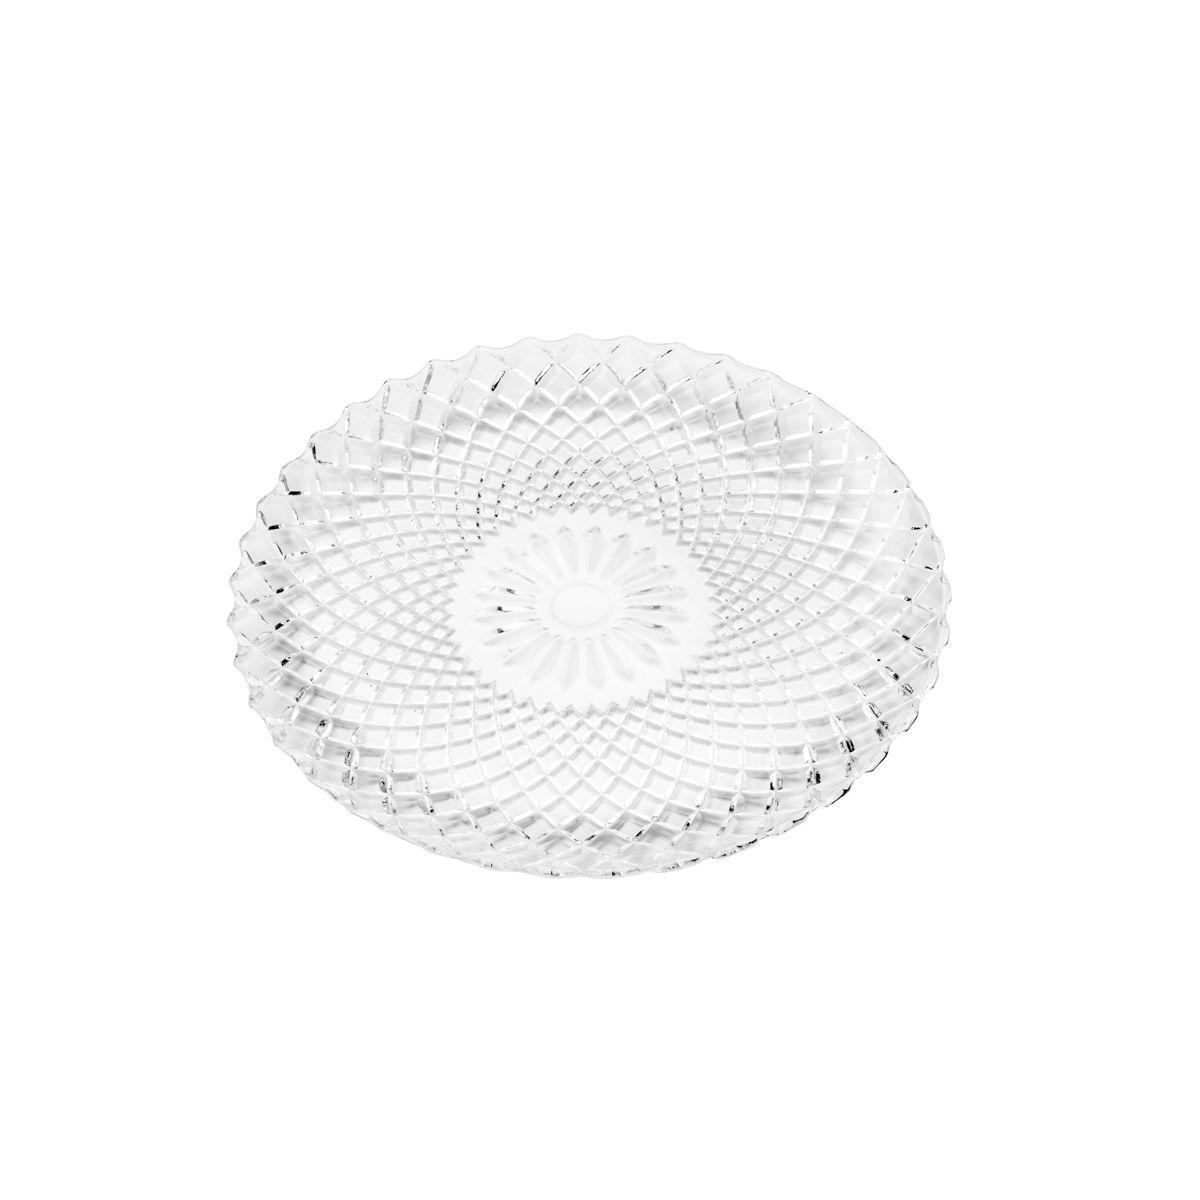 Conjunto 7 peças de Vidro Borossilicato 1 Prato 31cm e 6 Pratos 15,5cm Grid Transparente